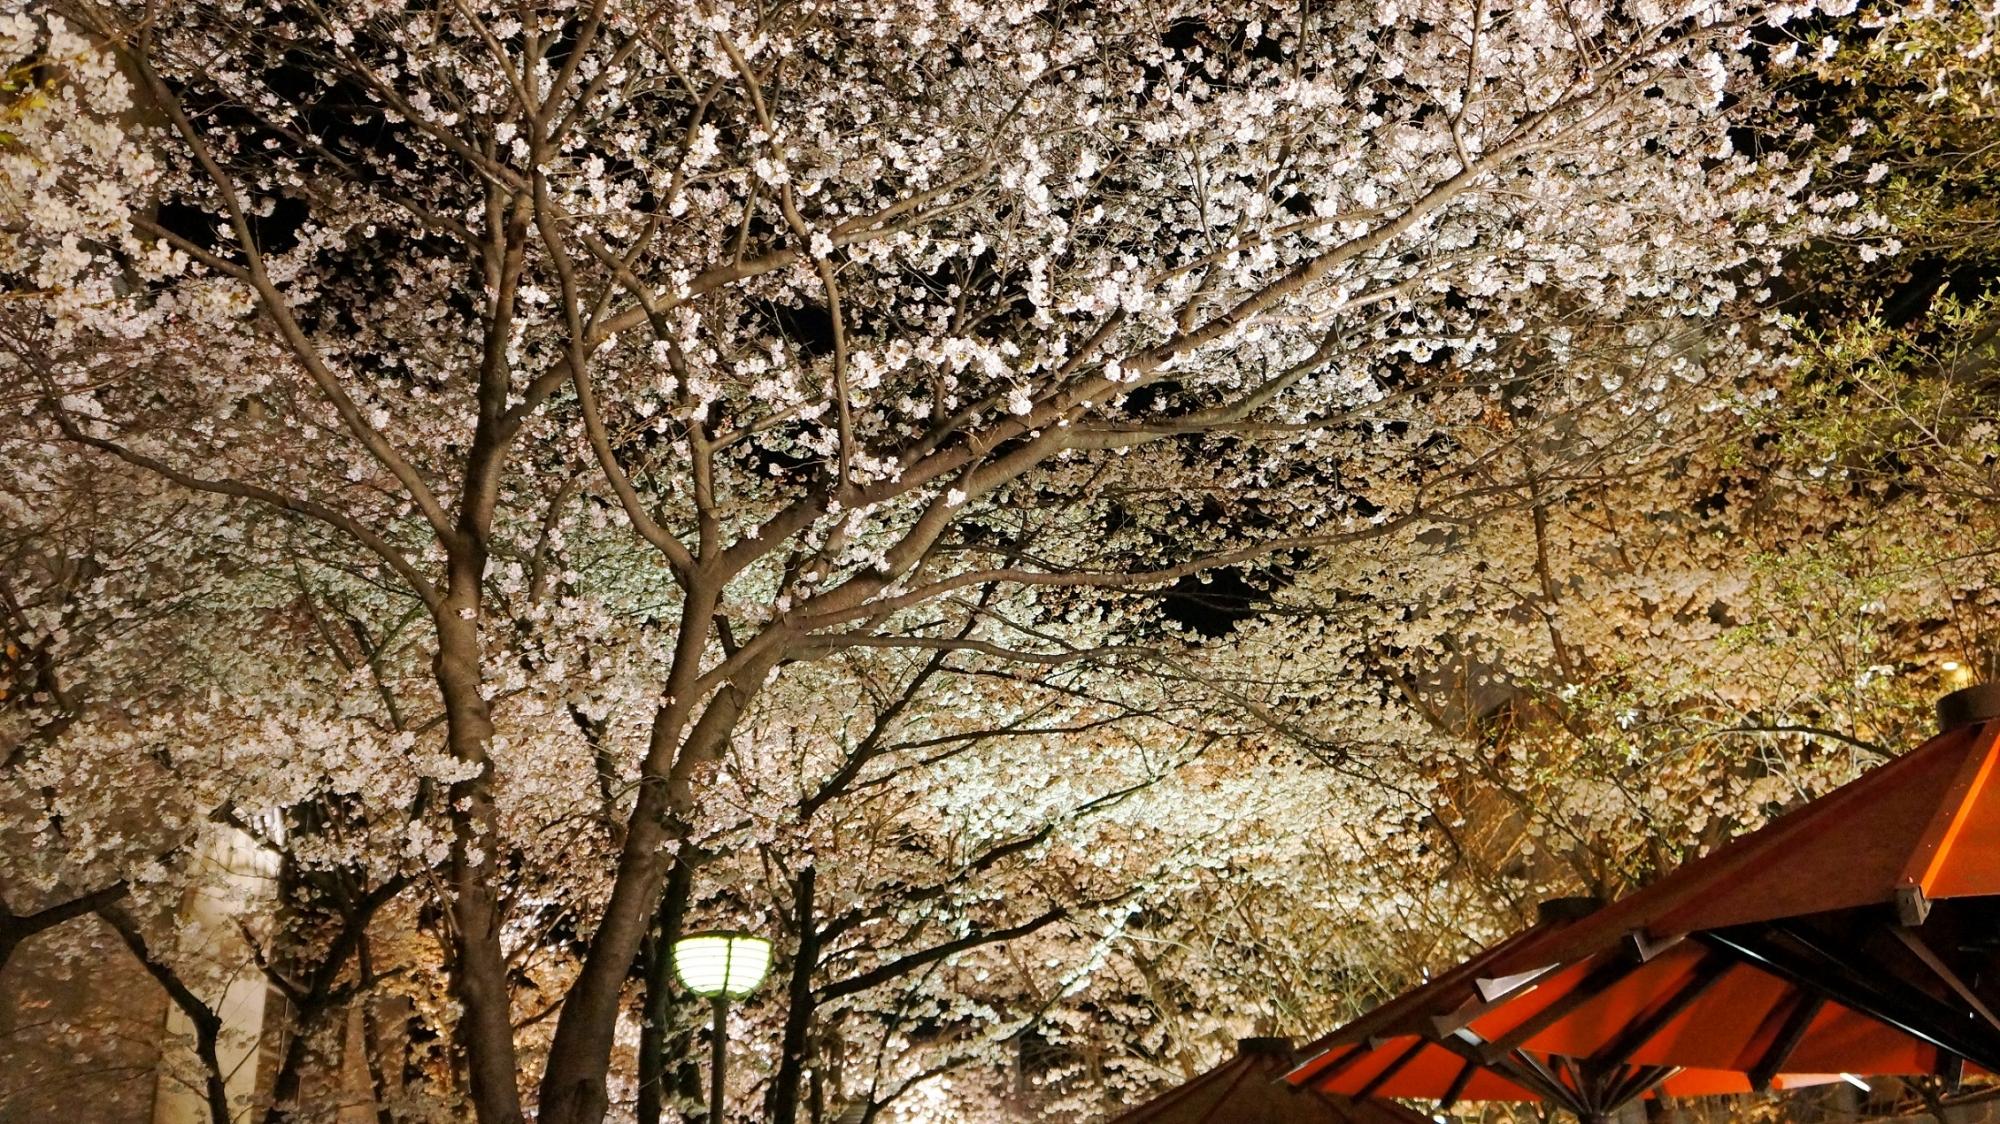 春の祇園白川の空に広がる見事な満開の夜桜のライトアップ